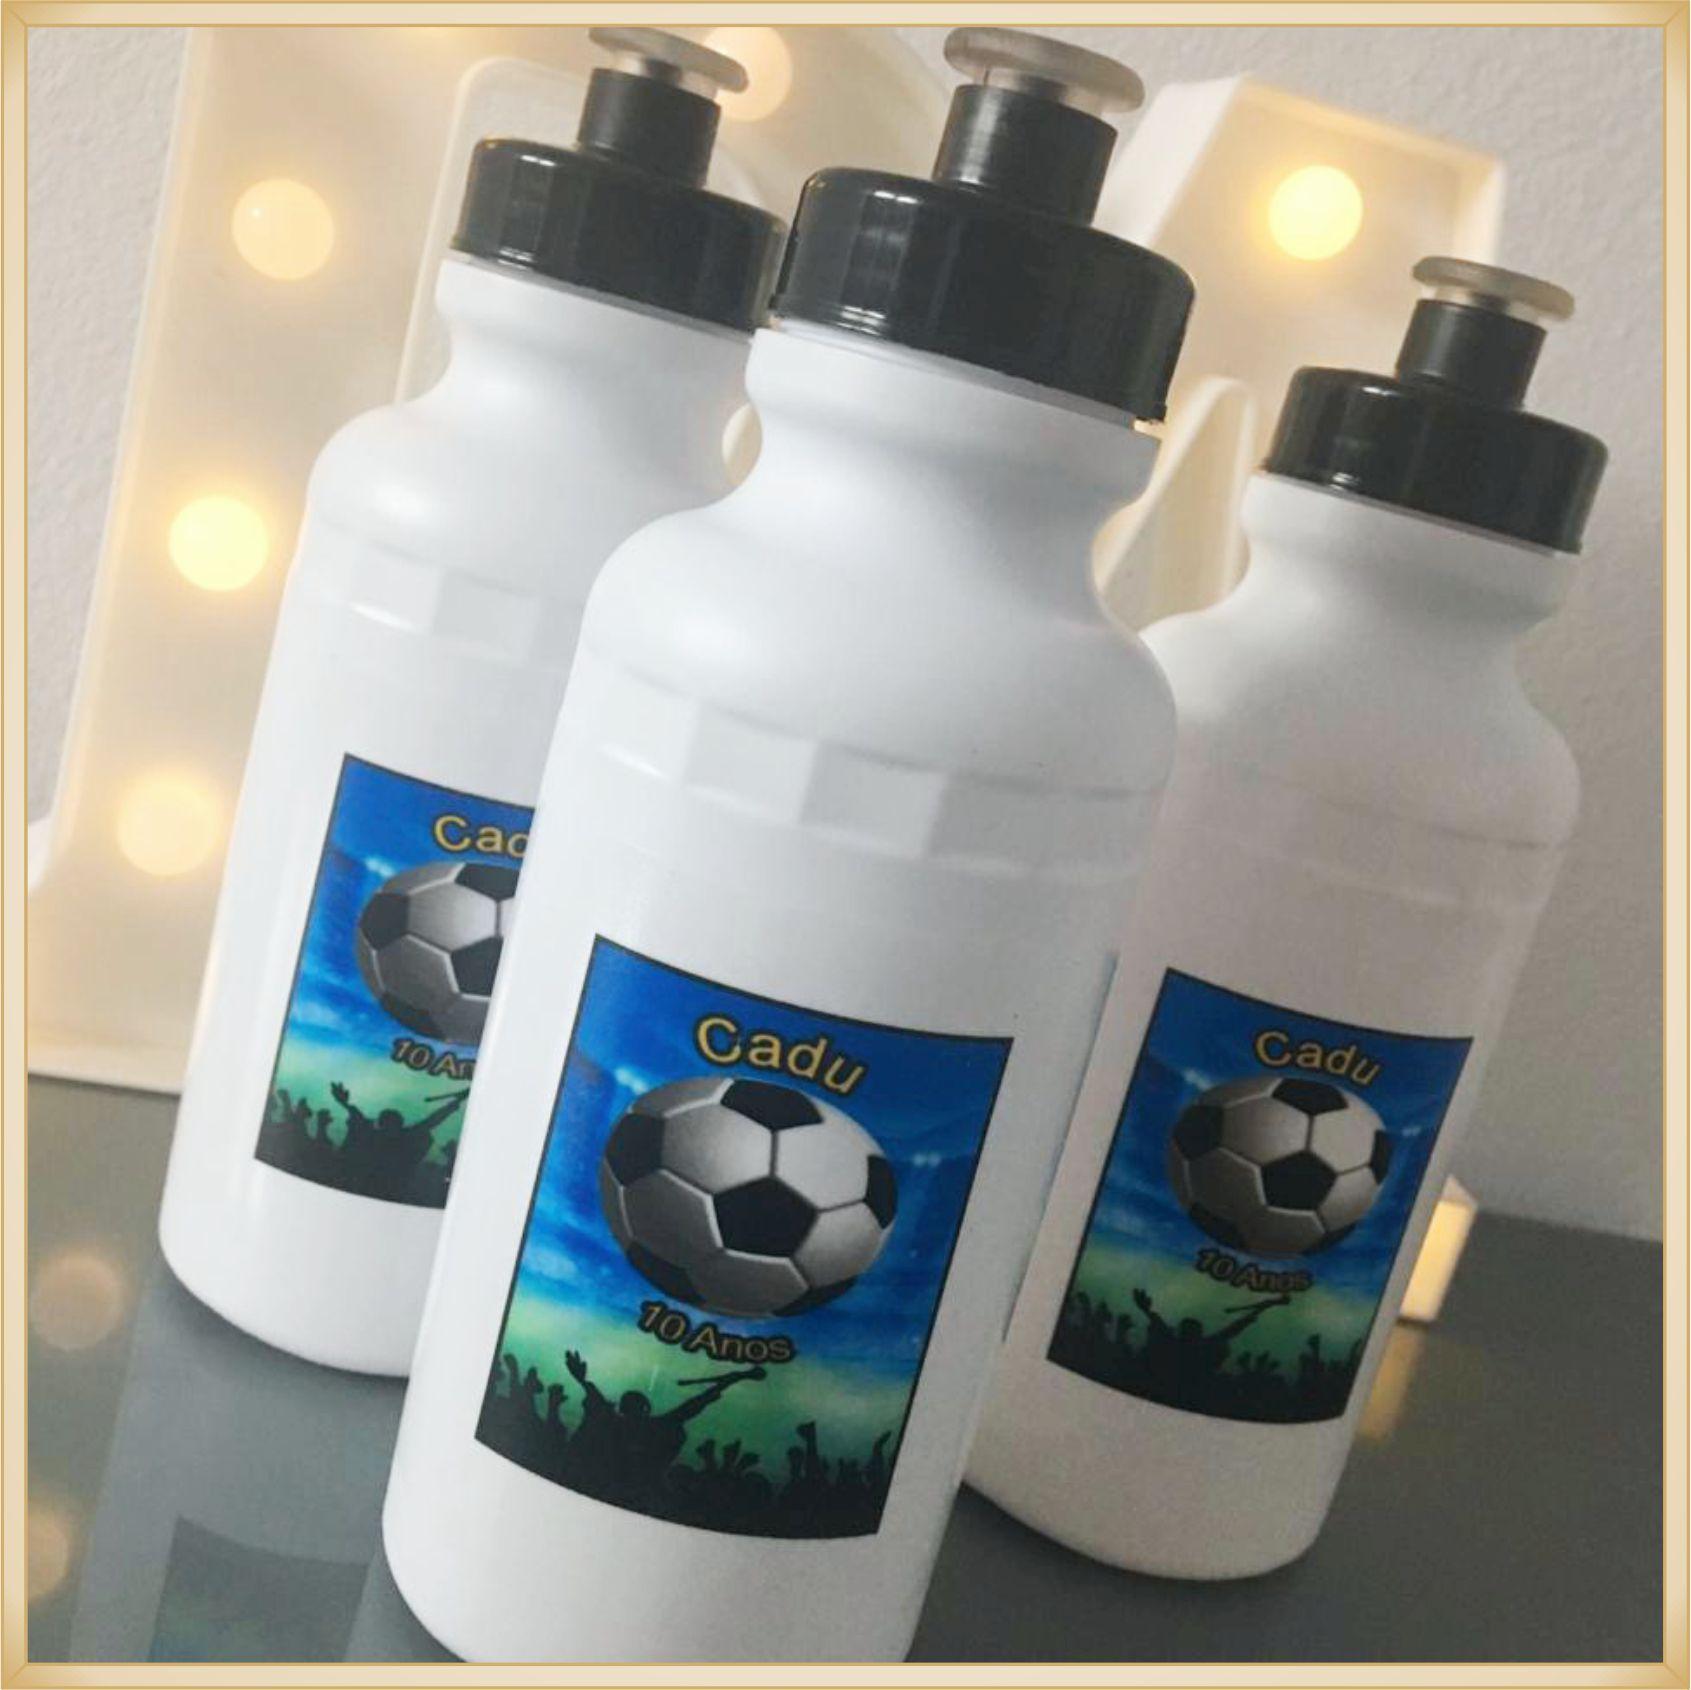 Squeeze Personalizado de plástico - prático e durável, estampa brilhante de alta qualidade, volume 500 ml, resistente a quedas. - kit 100 unidades